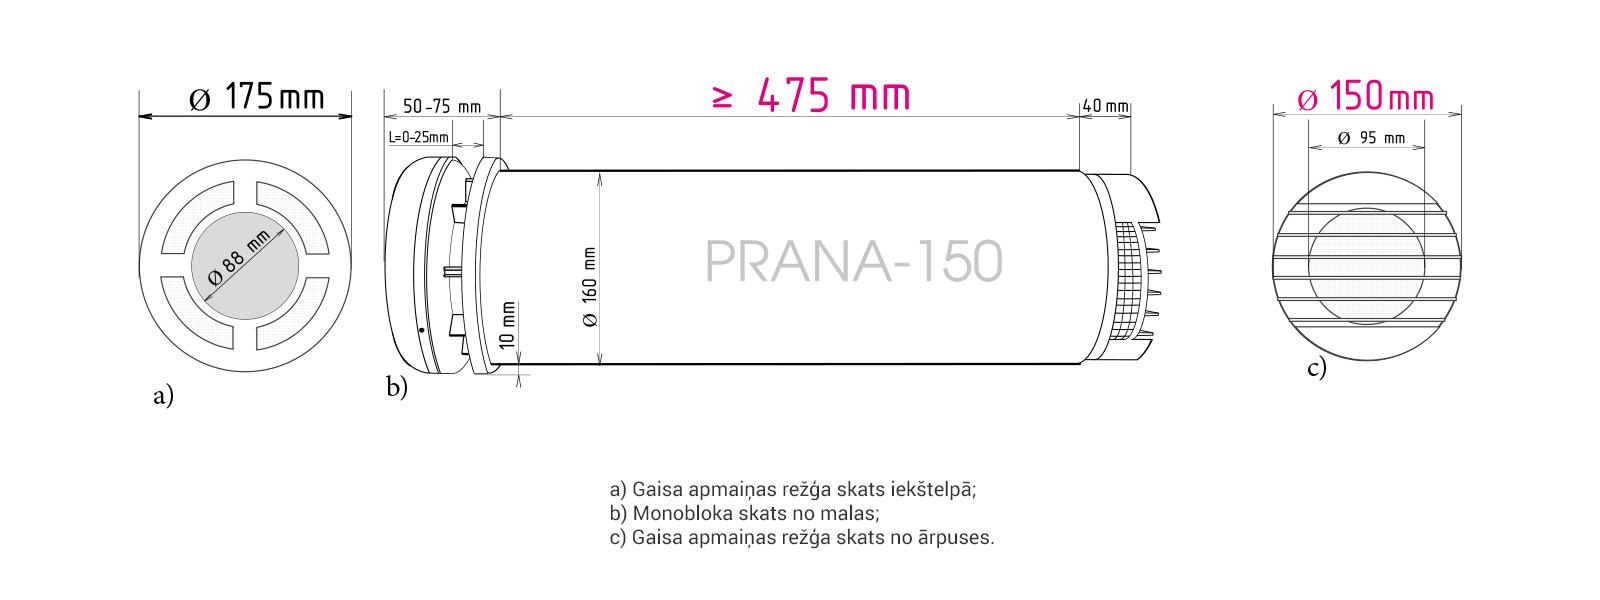 Prana-150 rekuperators, izmēri